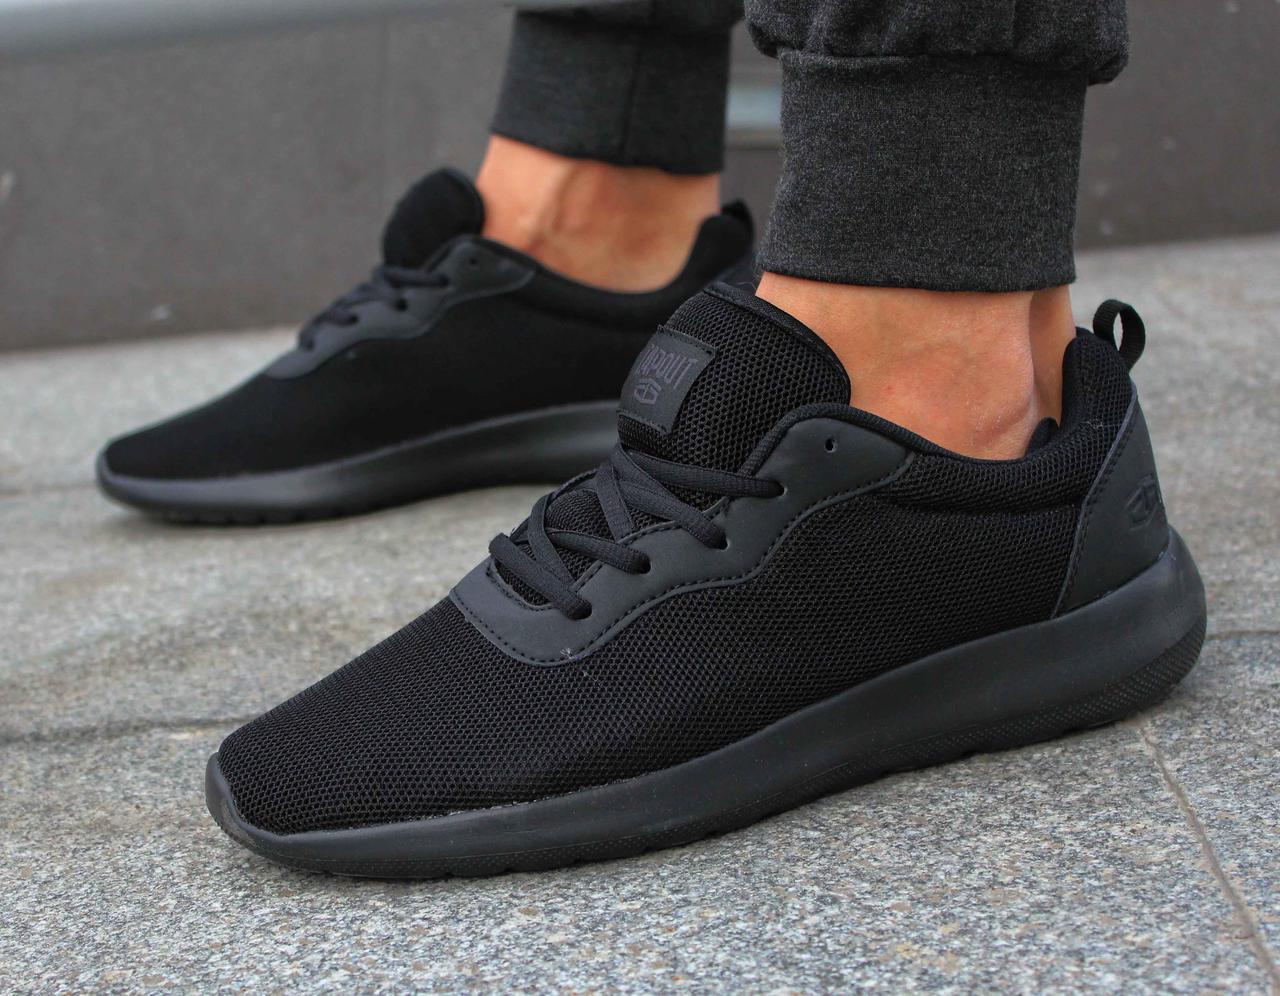 Фирменные мужские черные летние кроссовки Tapout Clio Run